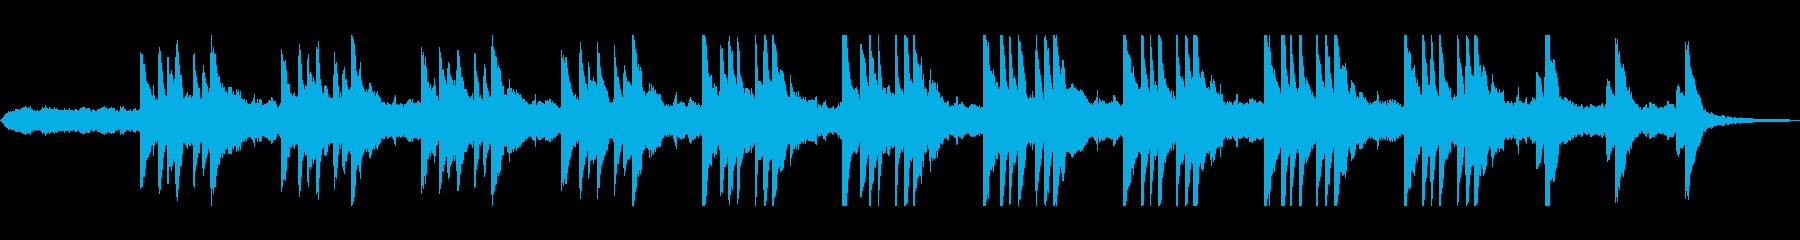 ピアノ旋律が神秘的なヒーリング曲の再生済みの波形